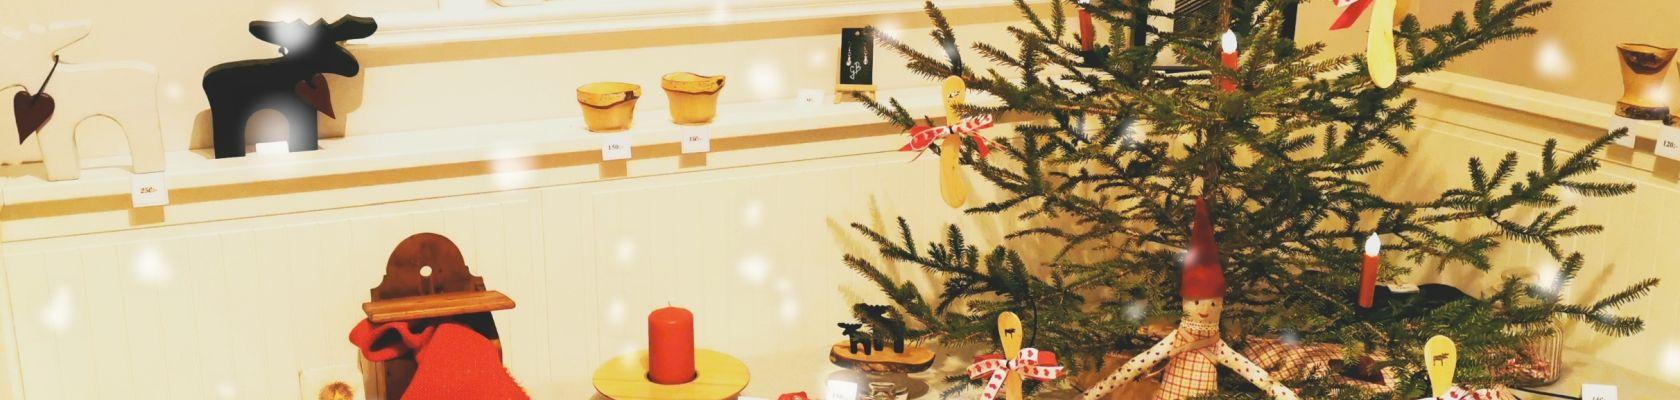 frohe-weihnachten-2020-Gittas-verkstad.